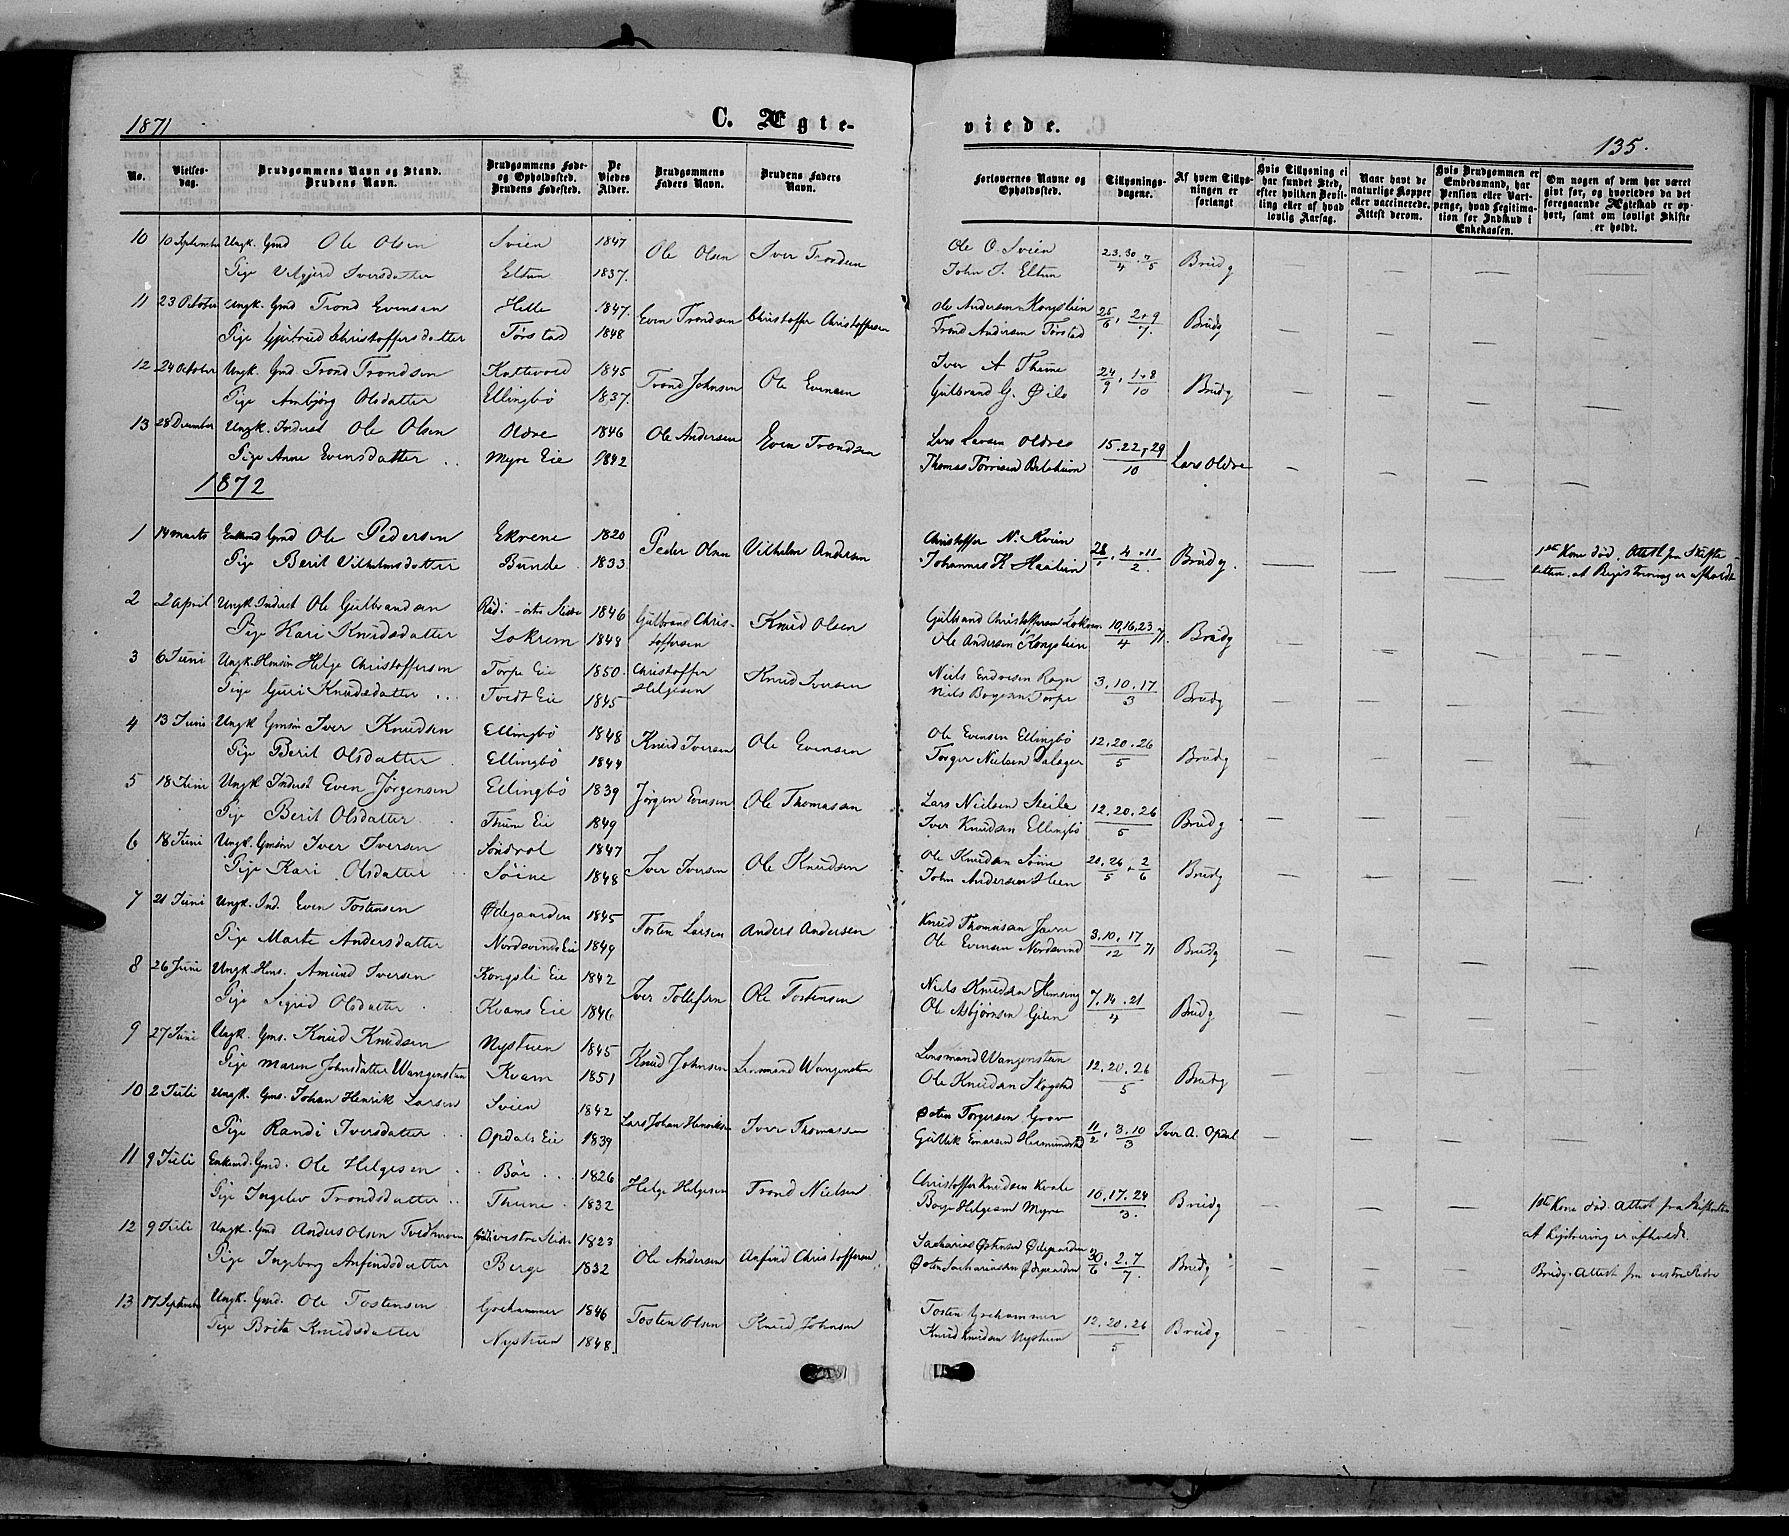 SAH, Vang prestekontor, Valdres, Ministerialbok nr. 7, 1865-1881, s. 135